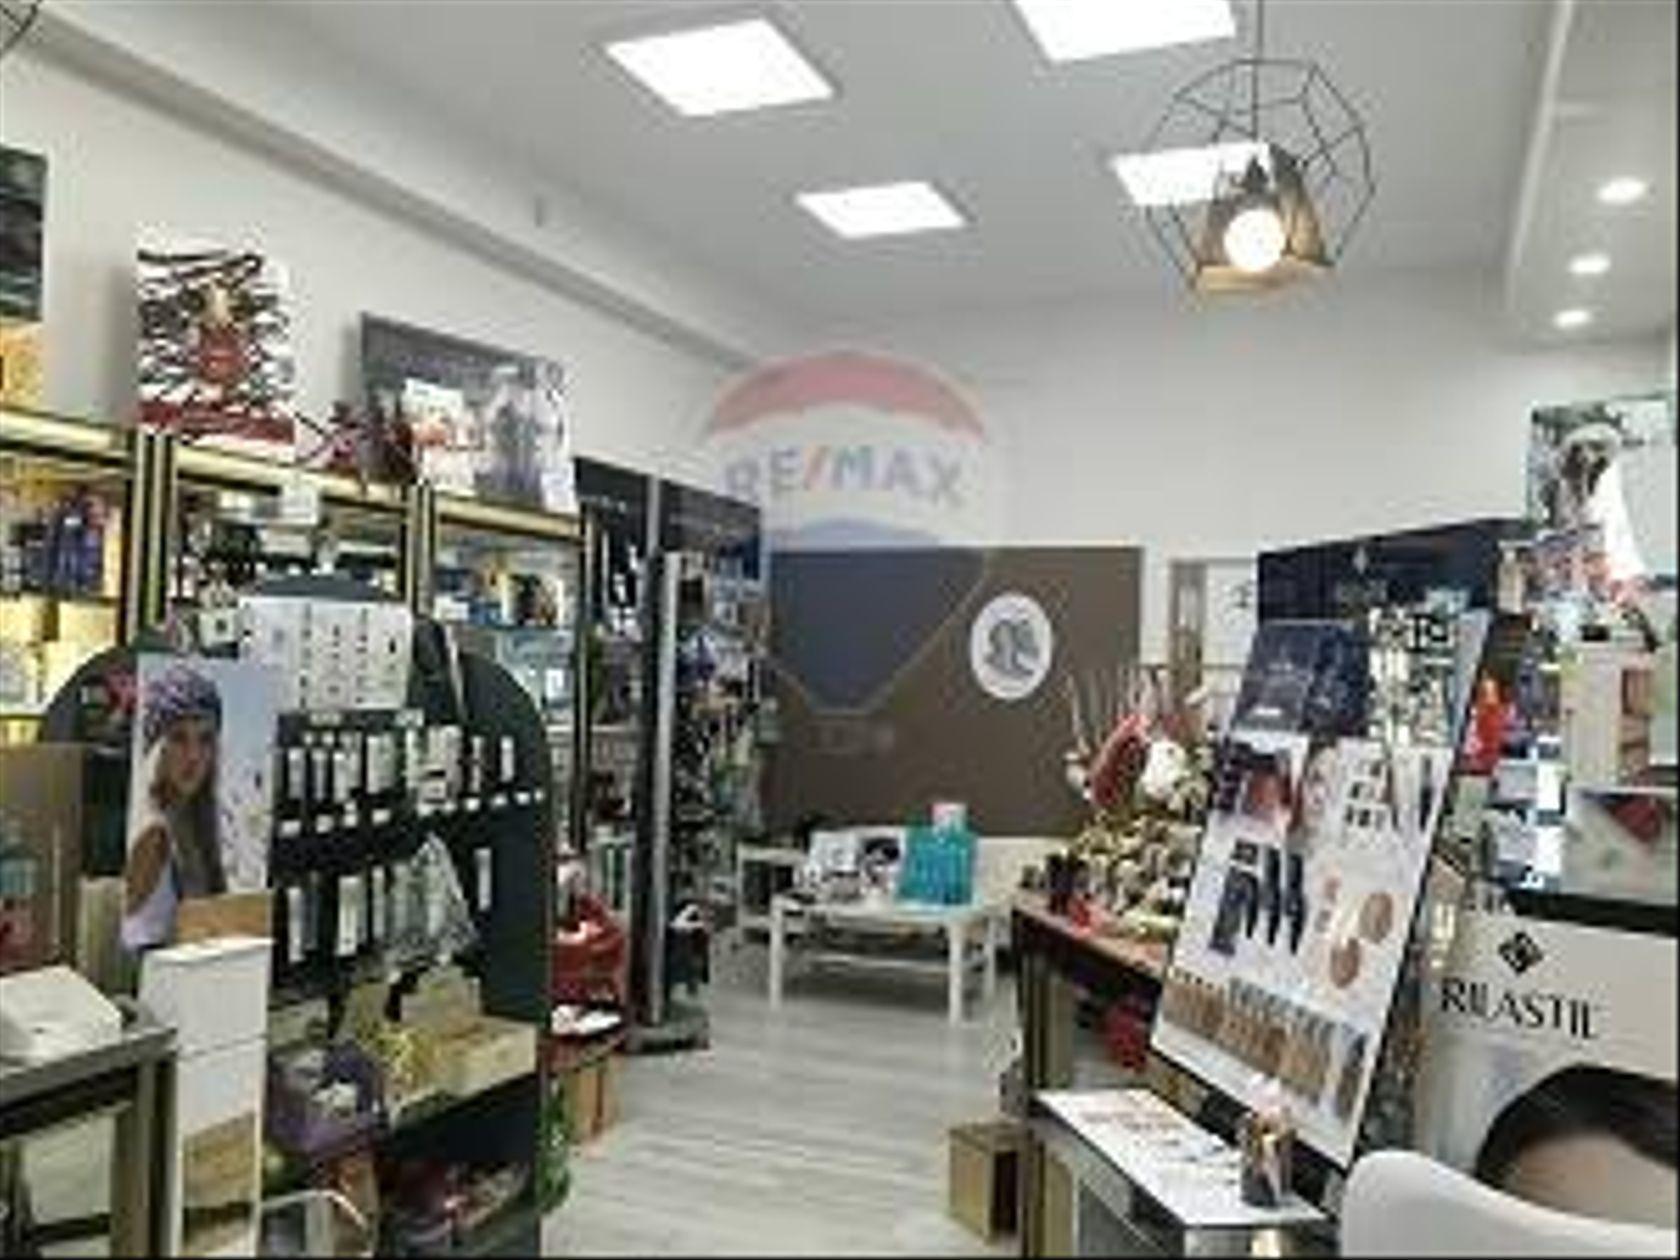 Attività Commerciale In Vendita Firenze 31461040-103 - RE/MAX